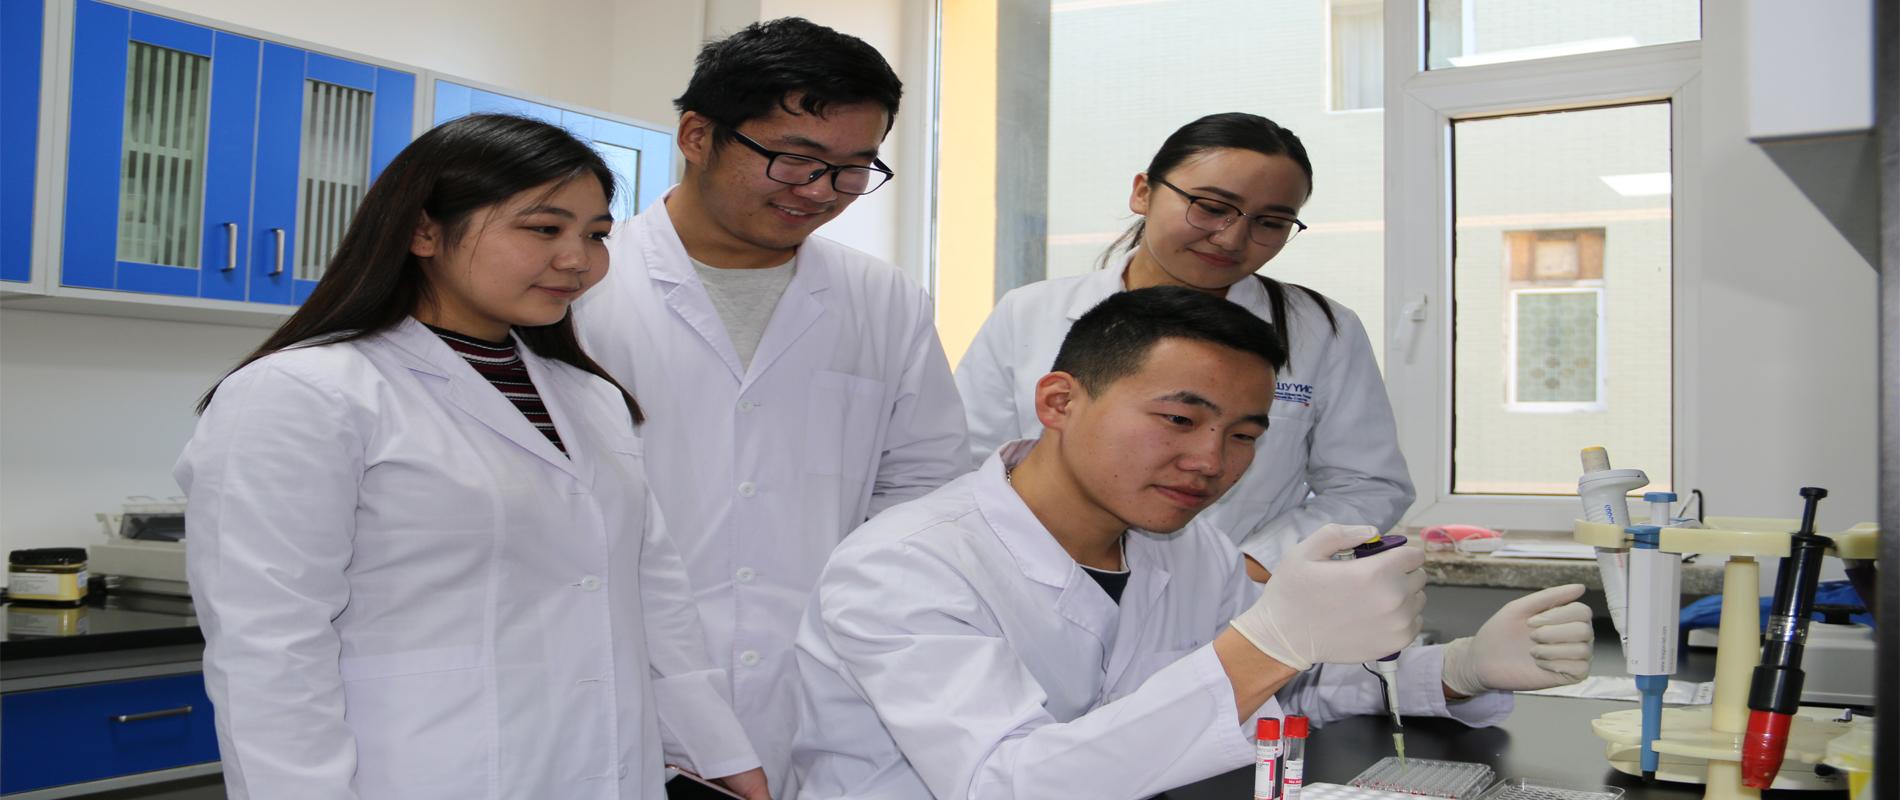 Эрдэм шинжилгээ, судалгаанд суурилсан инновацийг хөгжүүлэх